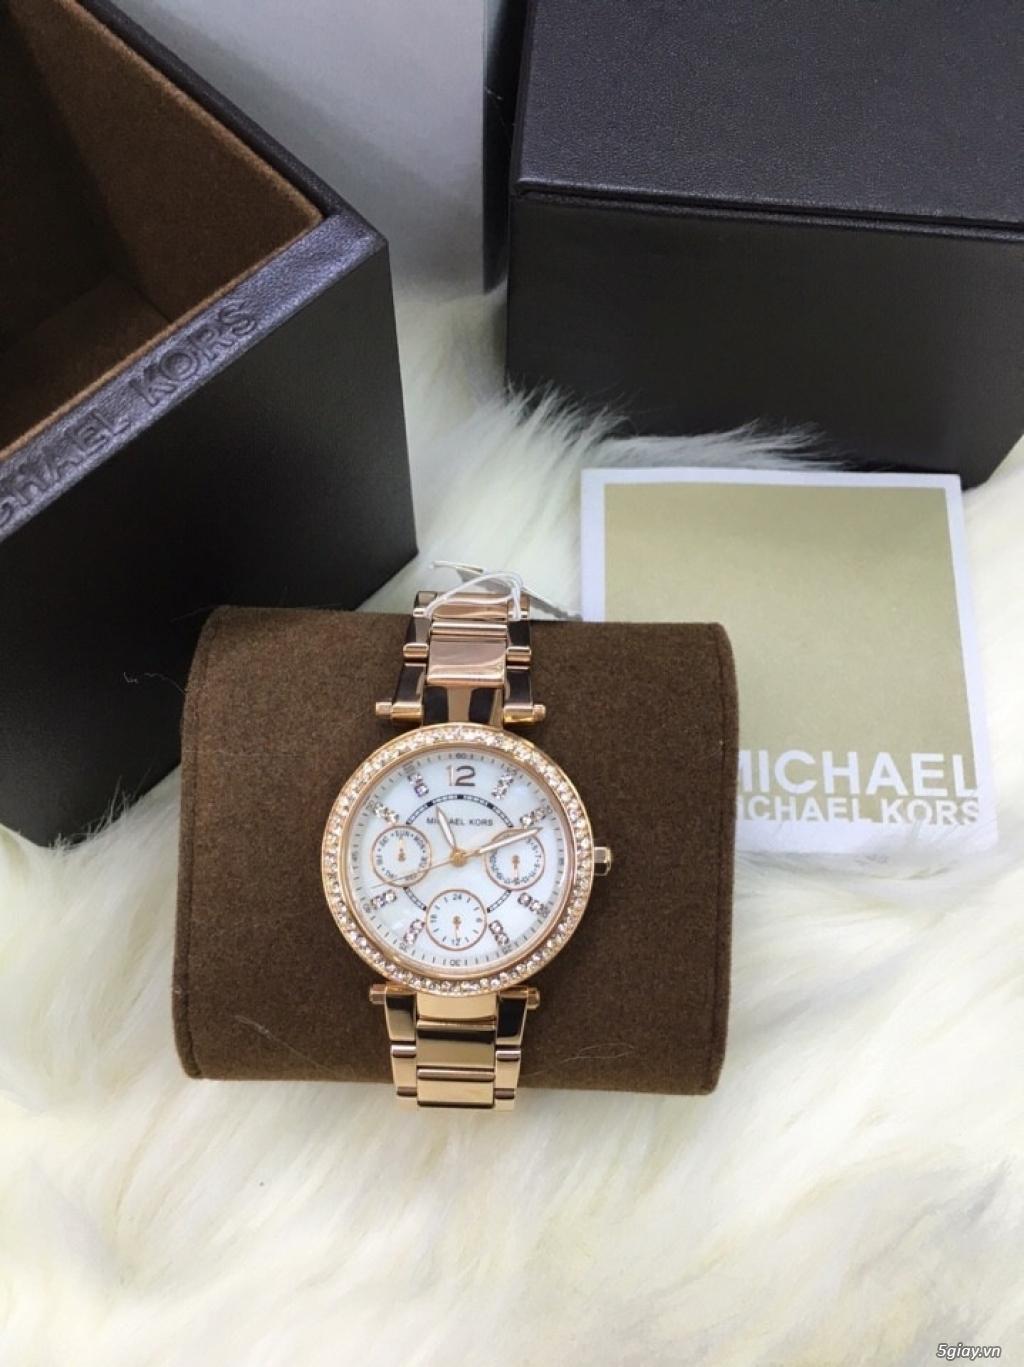 Đồng hồ chính hãng Michael Kors giá rẻ - 14